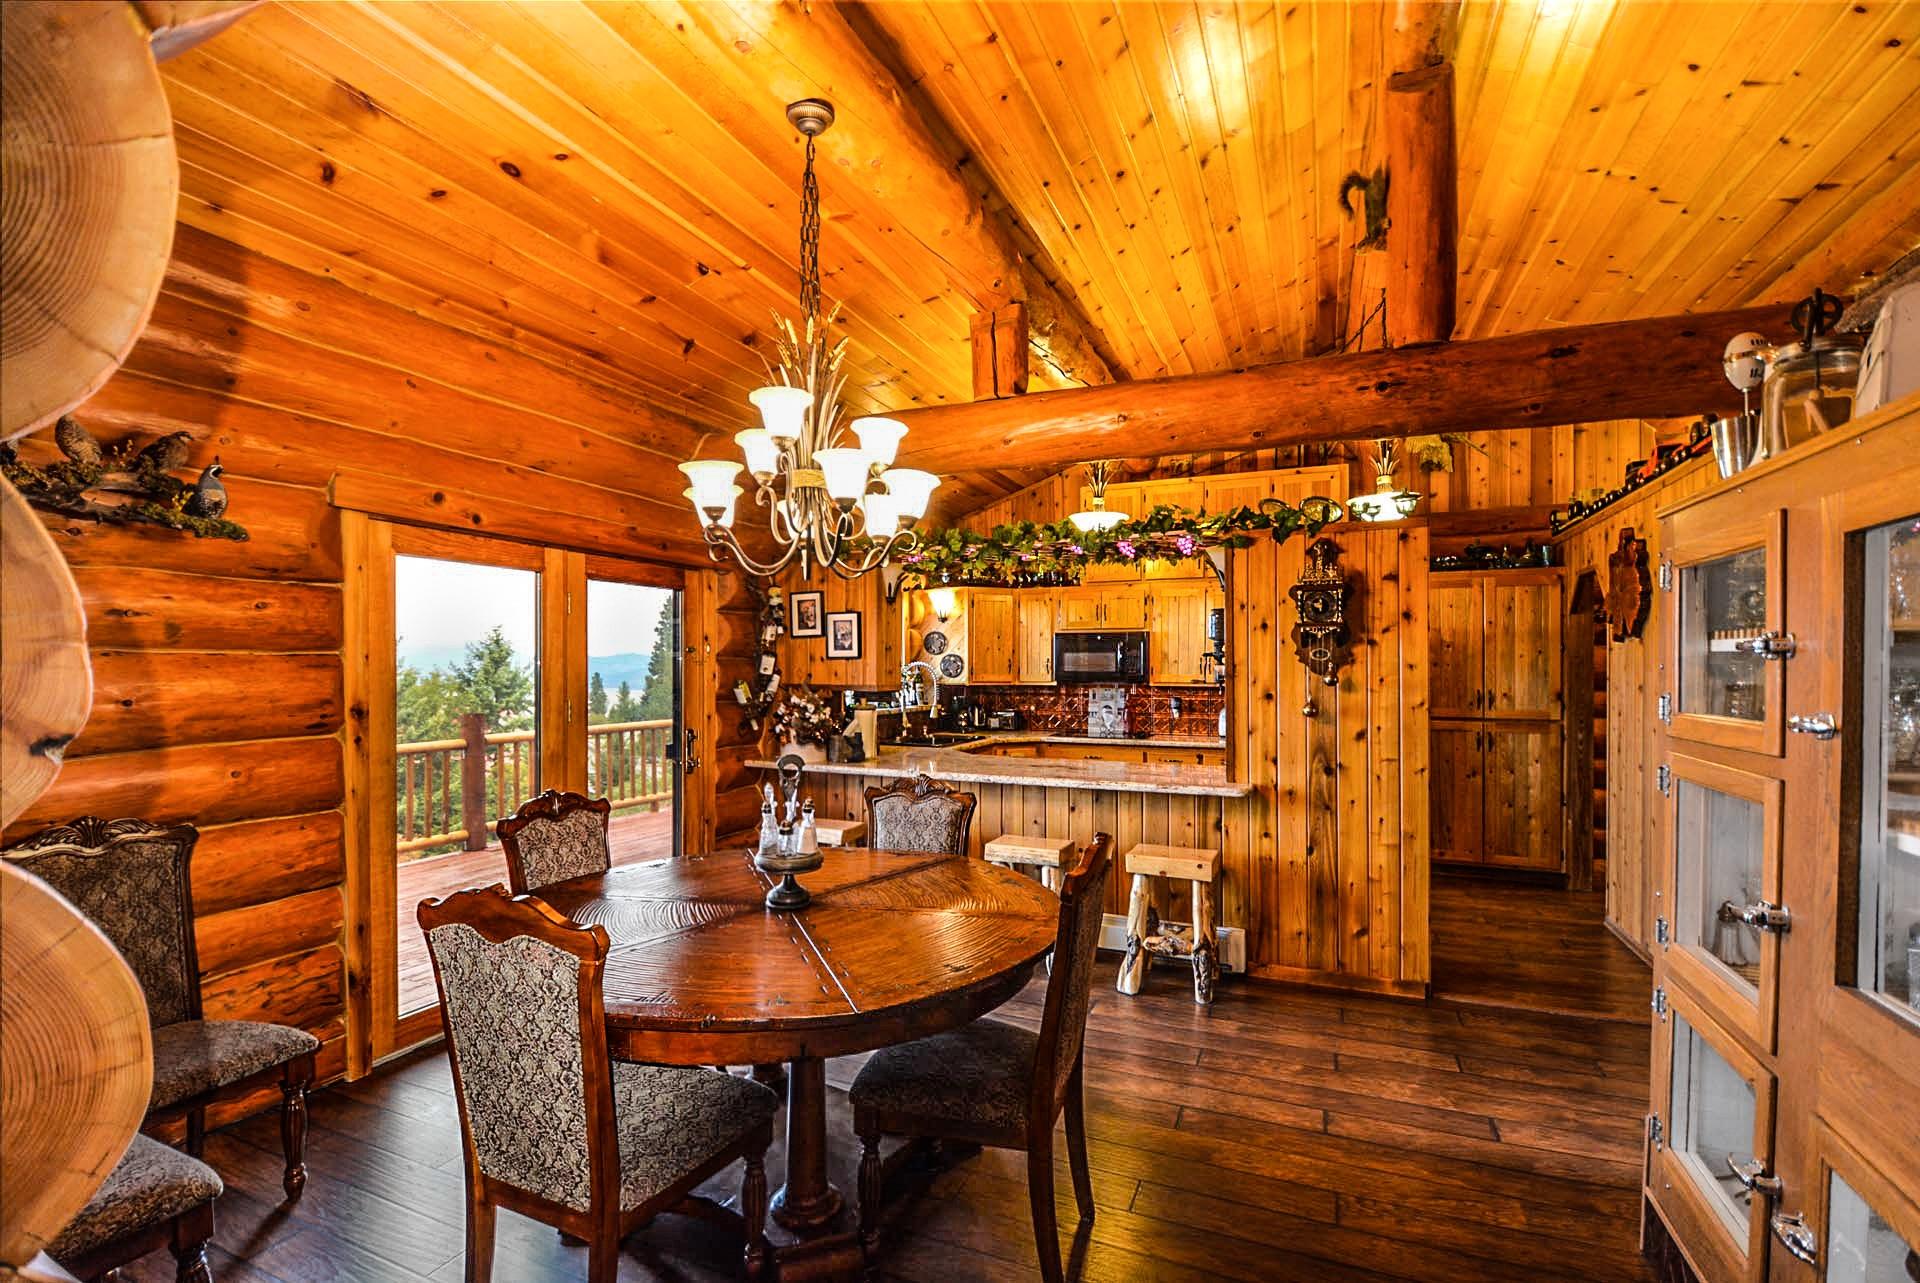 Images gratuites architecture bois maison int rieur rustique rural b che cabine chalet for Maison interieur